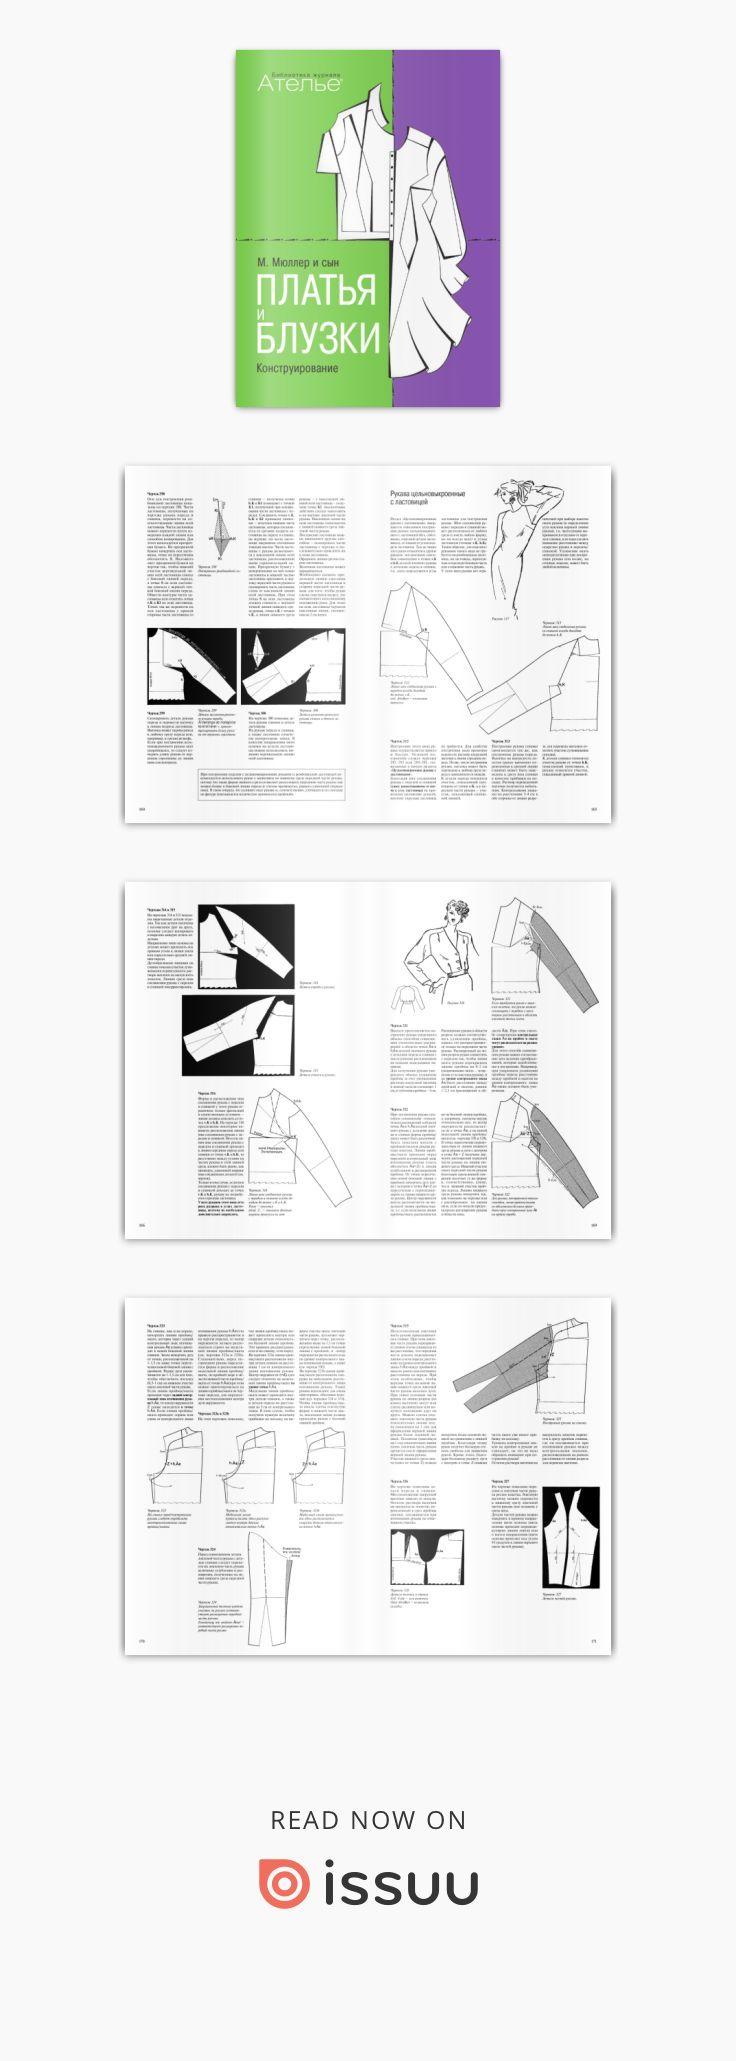 В книге «Мюллер и сын. Платья и блузки. Конструирование» особое внимание уделено моделированию и конструированию на нестандартные фигуры. Основные темы: чертежи базовых основ изделий, платья и блузки модных силуэтов, построение воротников, рукава различных покроев, драпировки, корсаж, нарядные платья. Книга содержит подробные чертежи с детальными пояснениями.